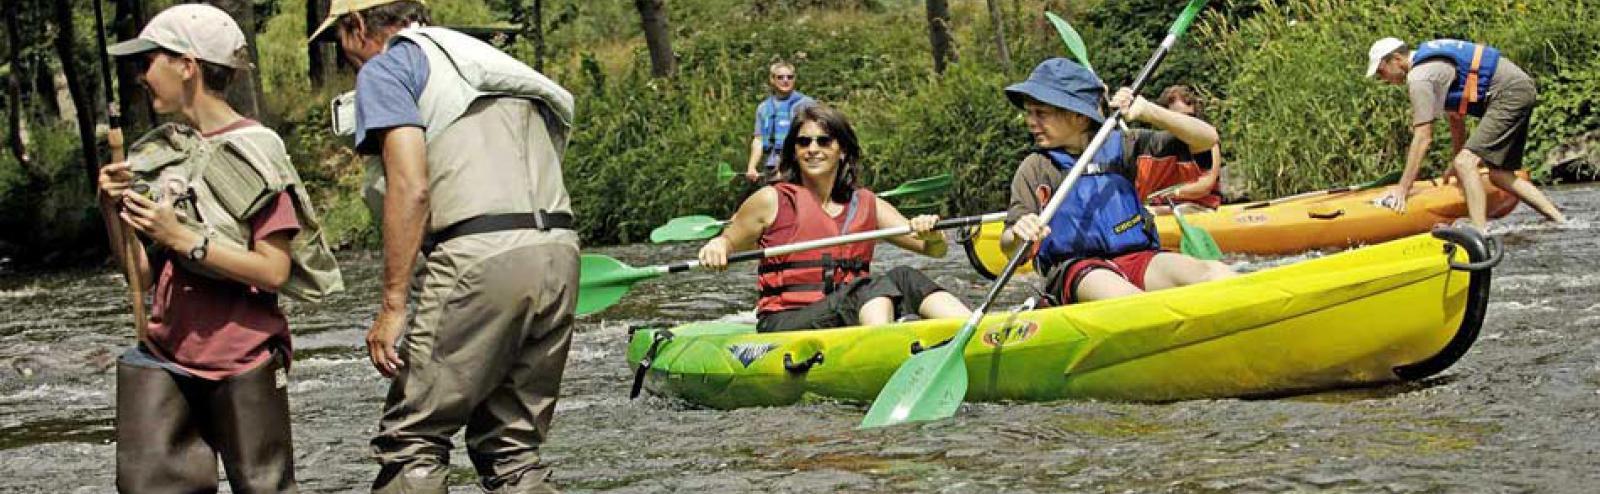 Découvrir l'Allier et ses rivières en canoë-kayak !